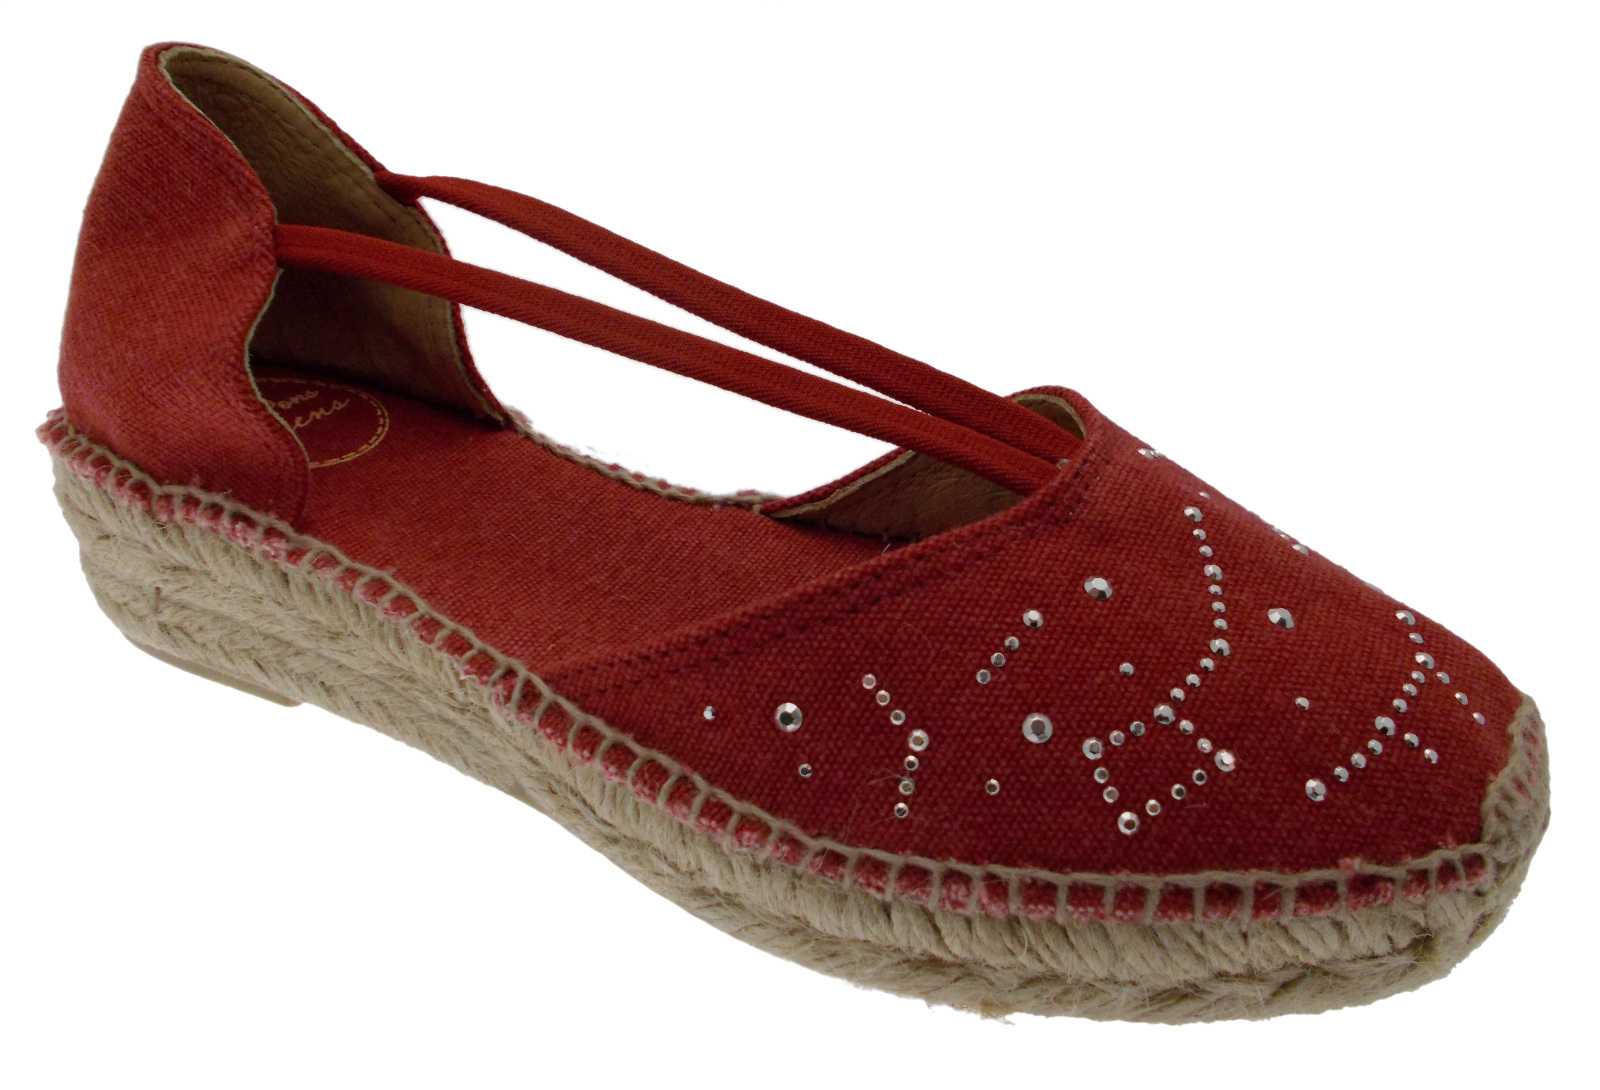 Erla-TR rouge Sandale Espadrilles Chaussures Toni Pons